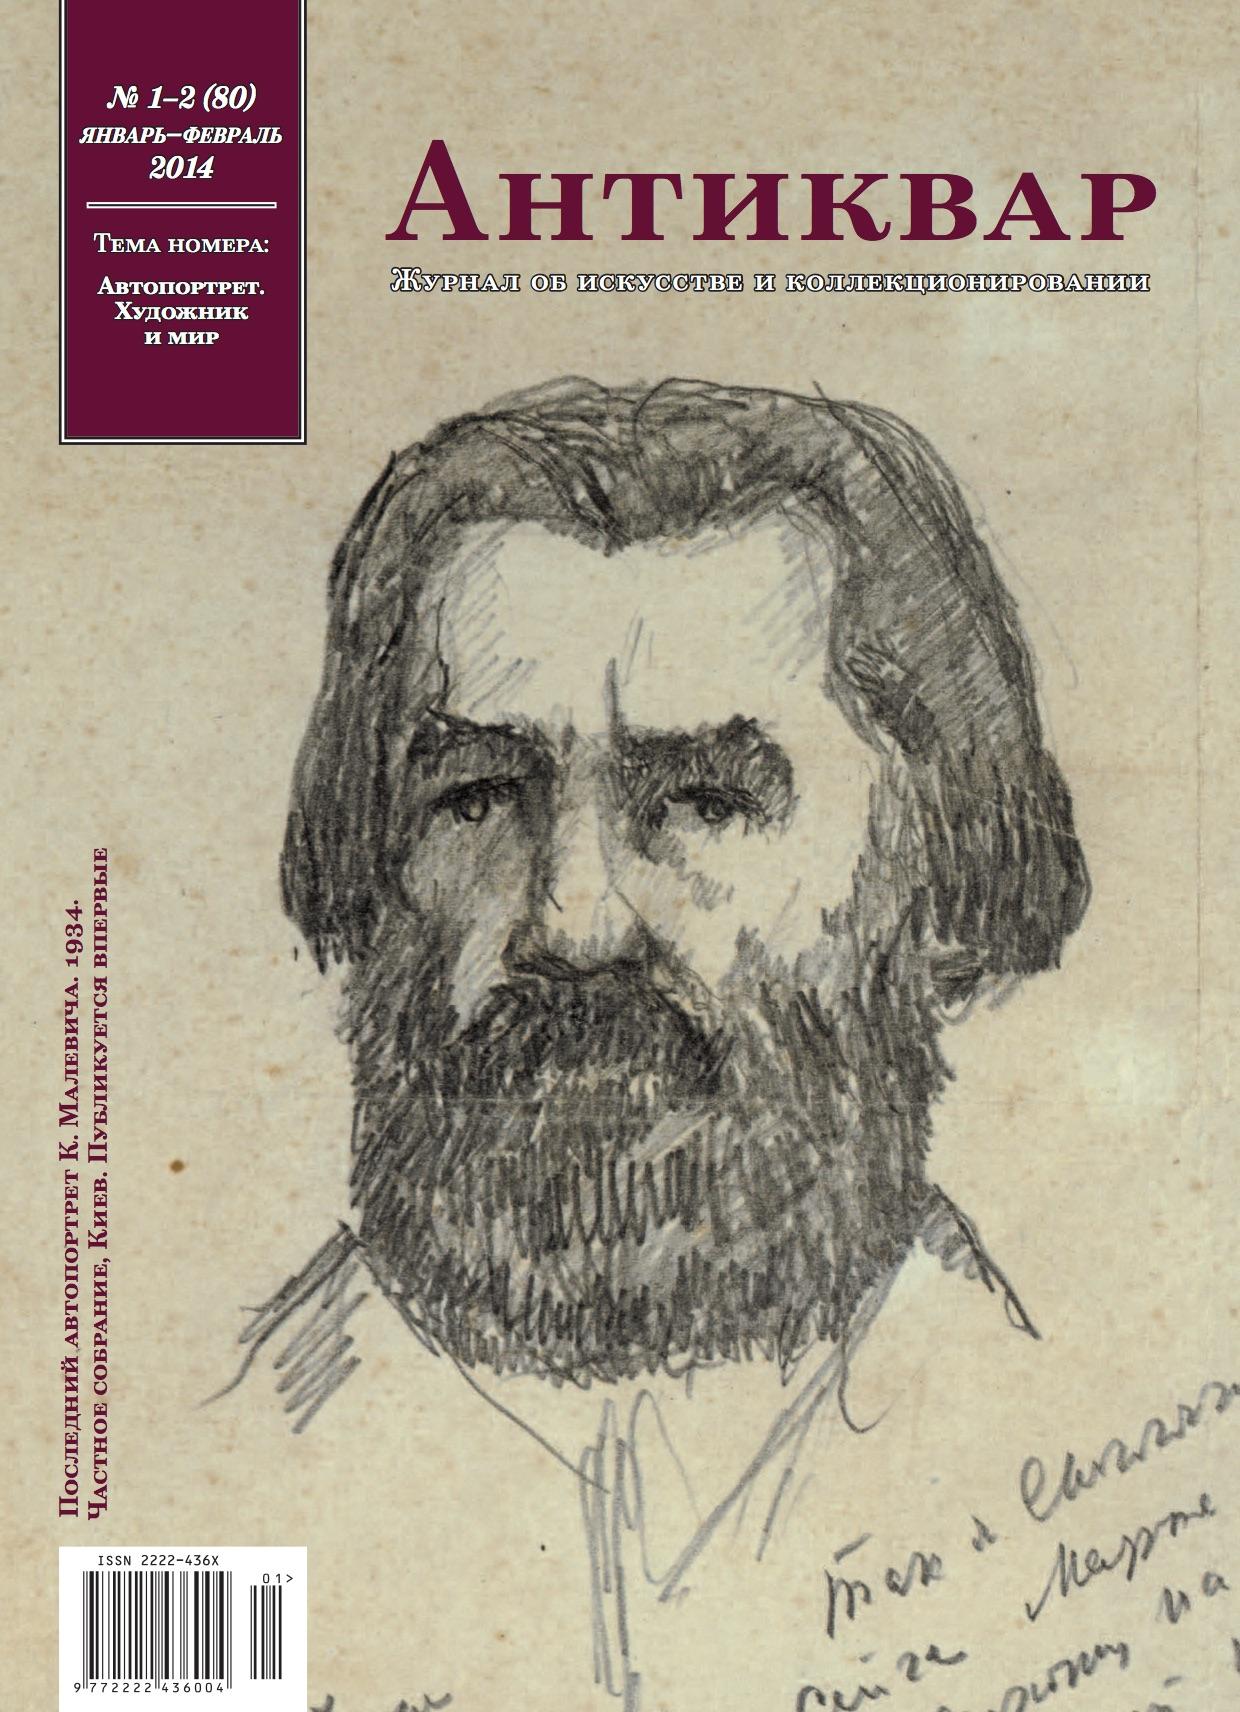 Журнал Антиквар #80: Автопортрет. Художник и мир